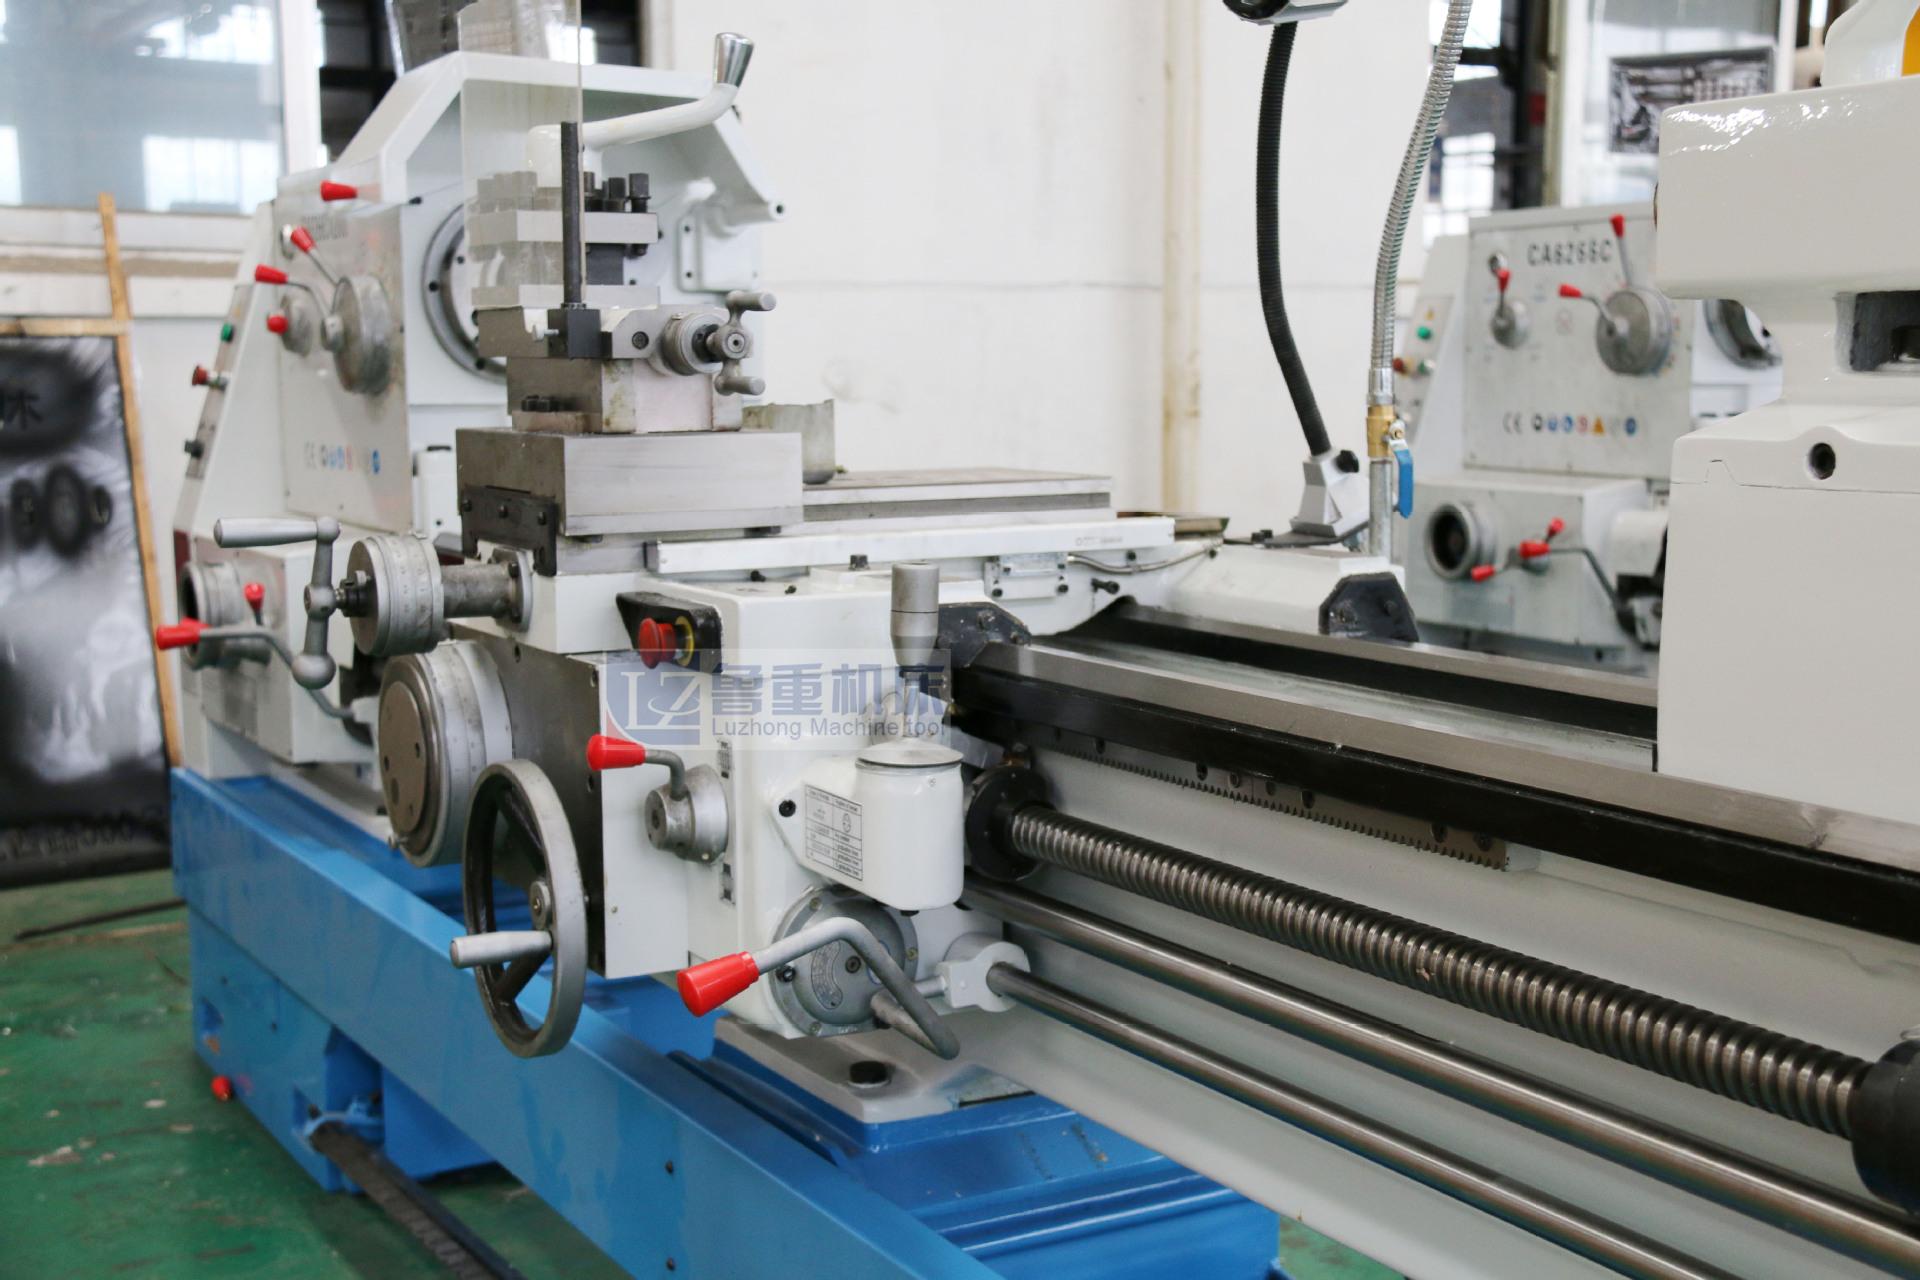 厂家直销出口型CA6161卧式车床出口品质质量保障示例图5